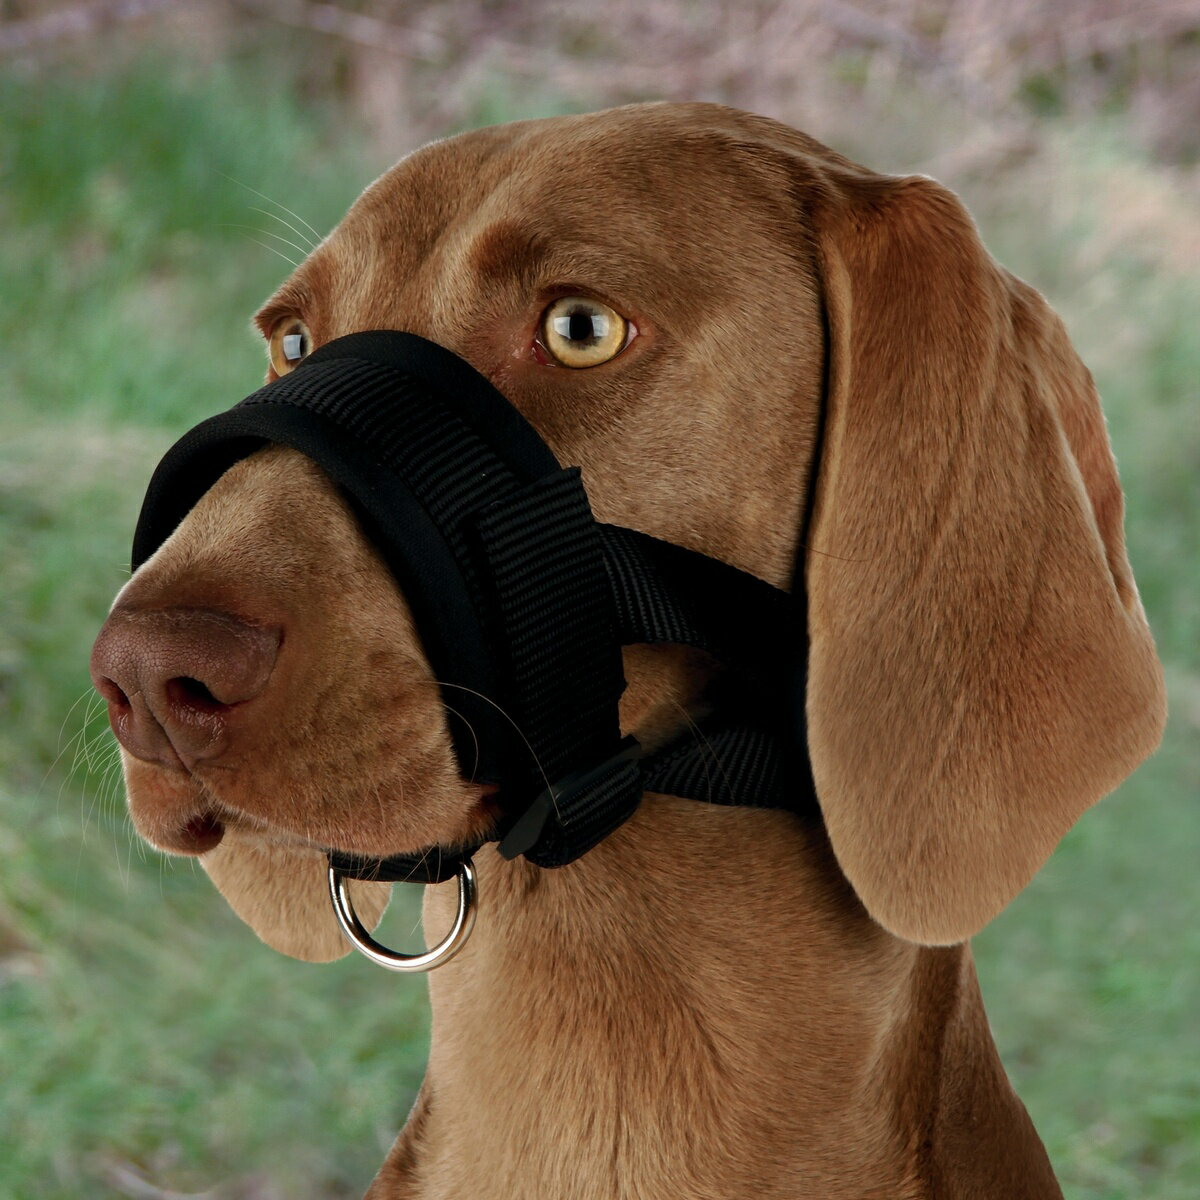 (トリクシー) Trixie ワンちゃん用 ドッグマズルループ 犬用 口輪 ナイロン ペット用 しつけグッズ 【楽天海外直送】